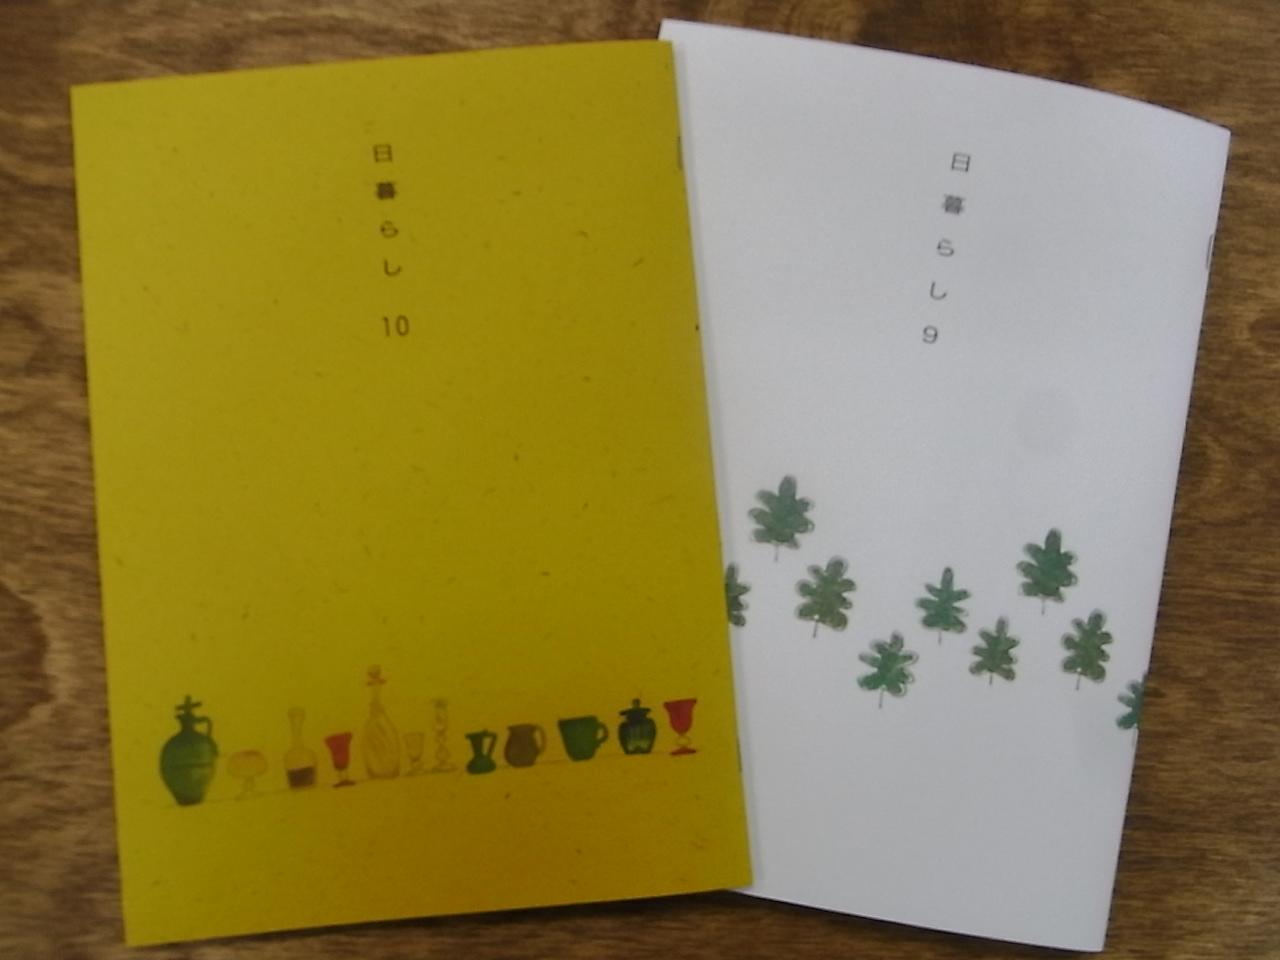 本明朝体,雑誌「日暮らし」,琵琶湖好き_c0202060_1241848.jpg